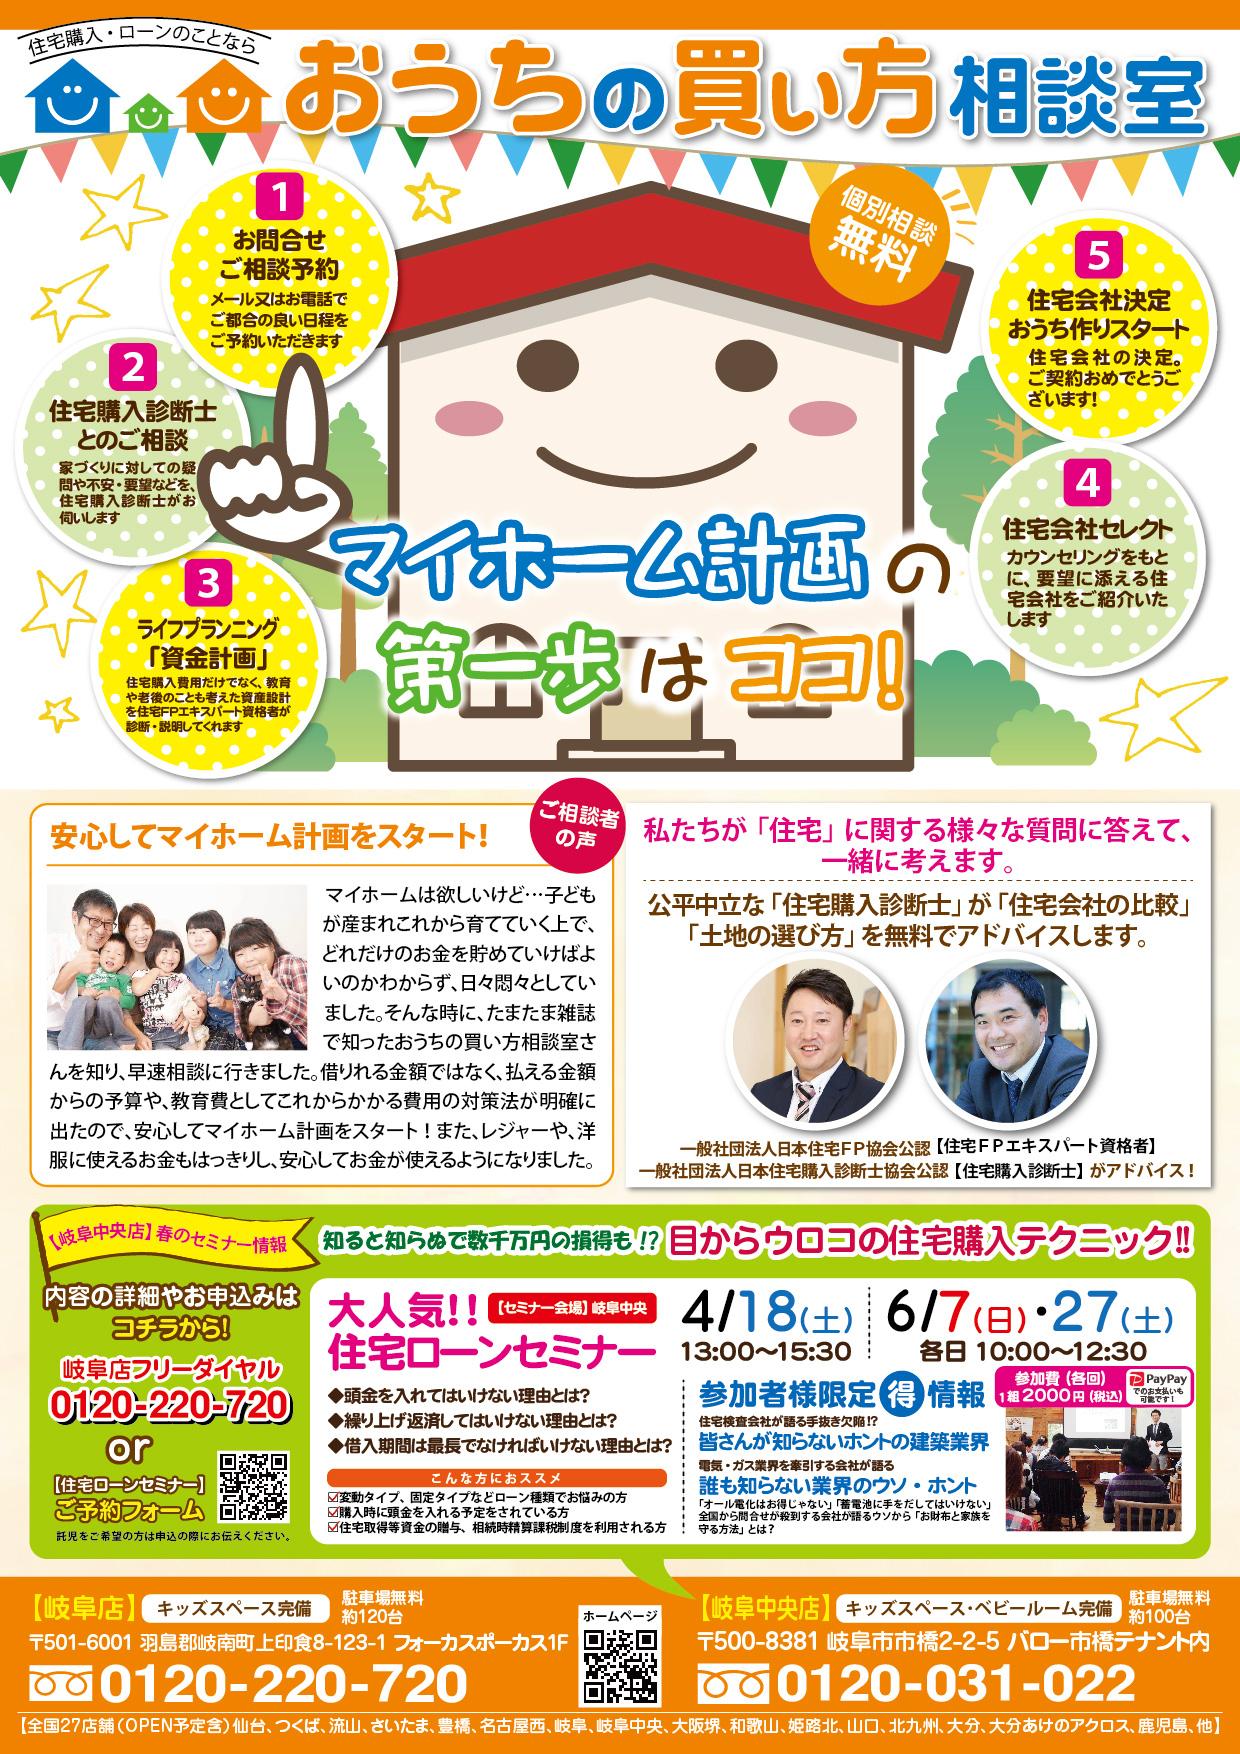 【イベント情報UP】4月18日(土)大人気⤴ 住宅ローンセミナー開催のご案内❗️